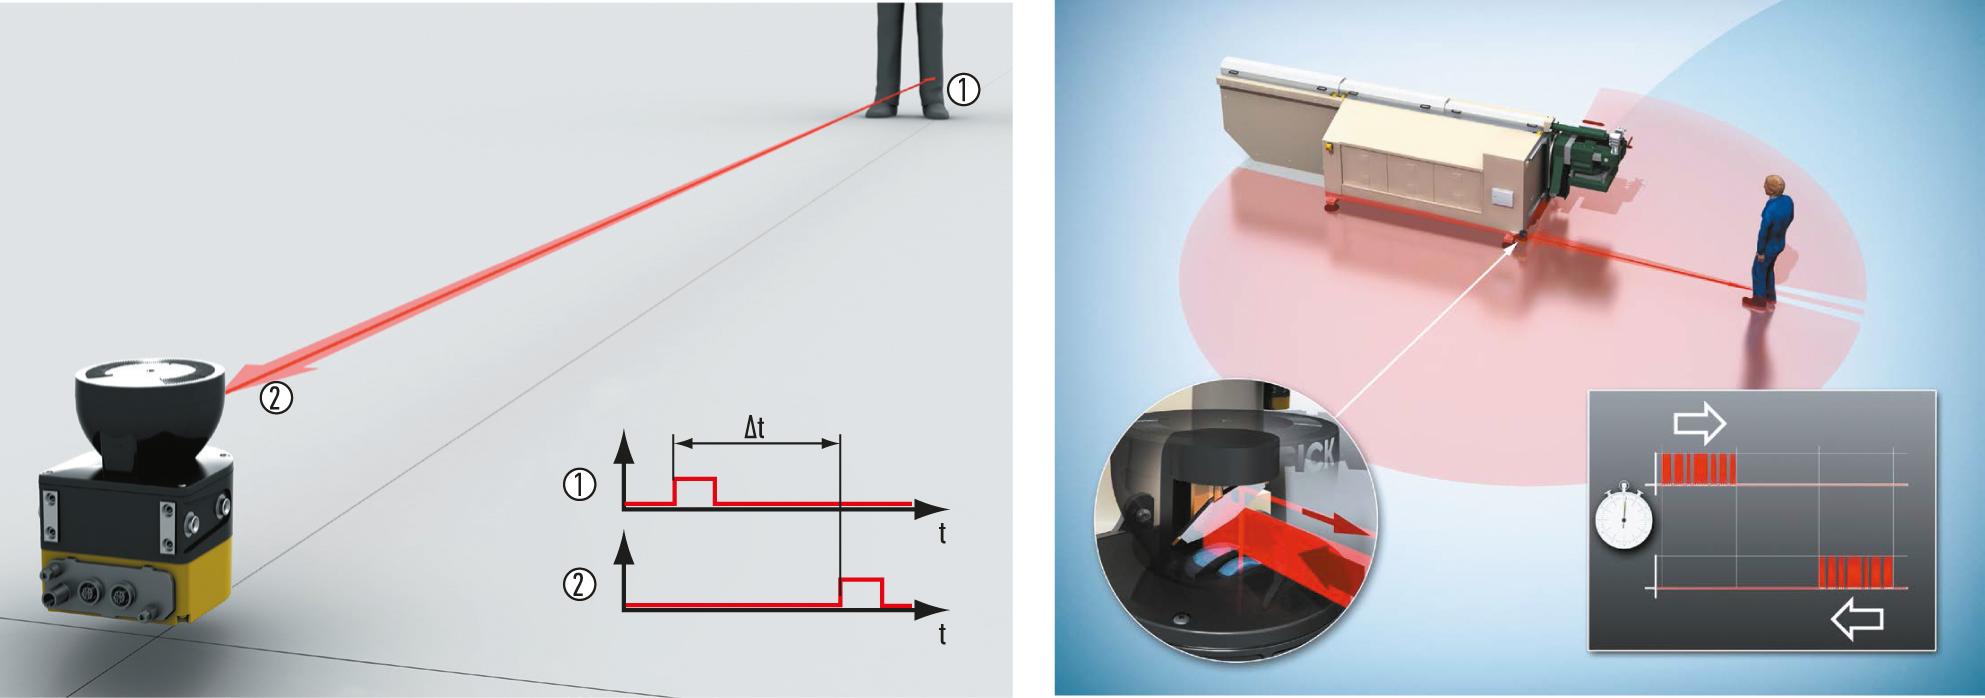 Принцип технологии safeHDDM, заложенной в основу лазерных сканеров безопасности семейства microScan3